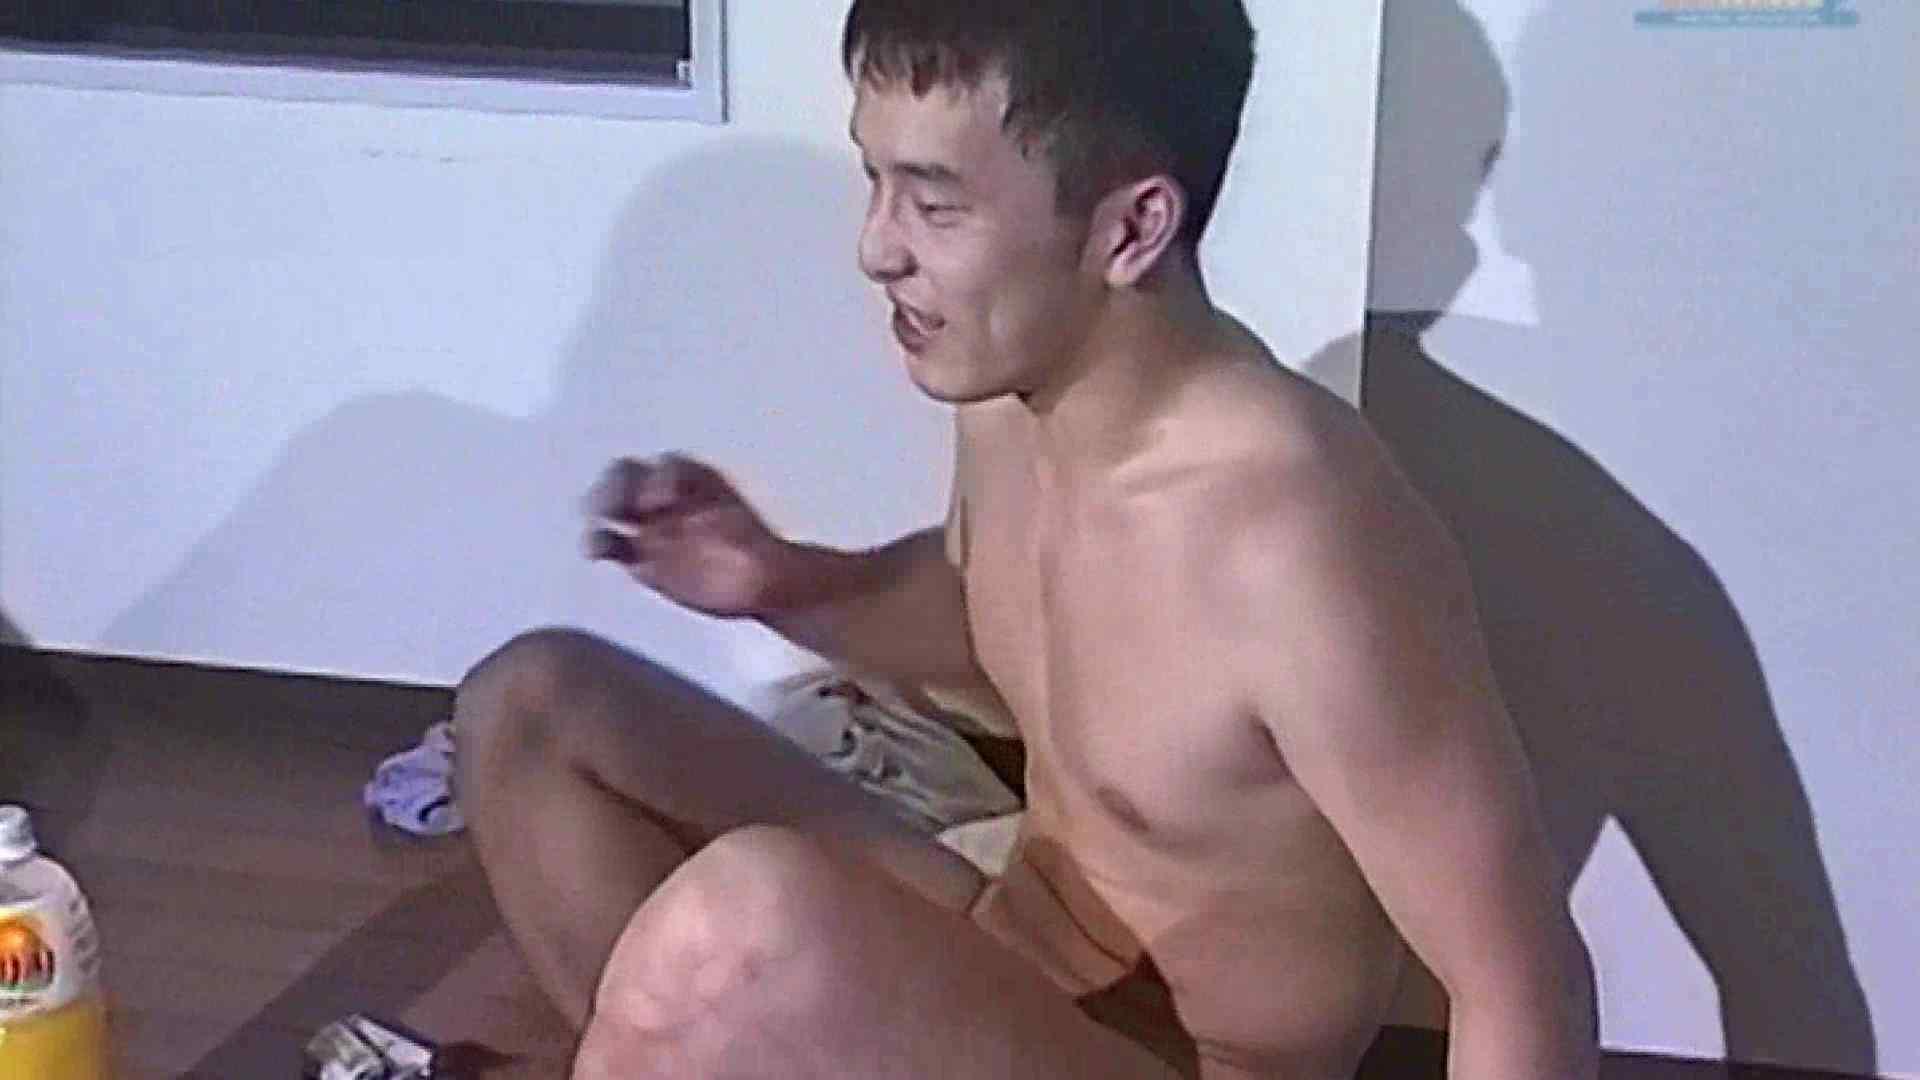 ヤリヤリ野郎共倶楽部vol.13前編 3P | 男天国  77pic 40